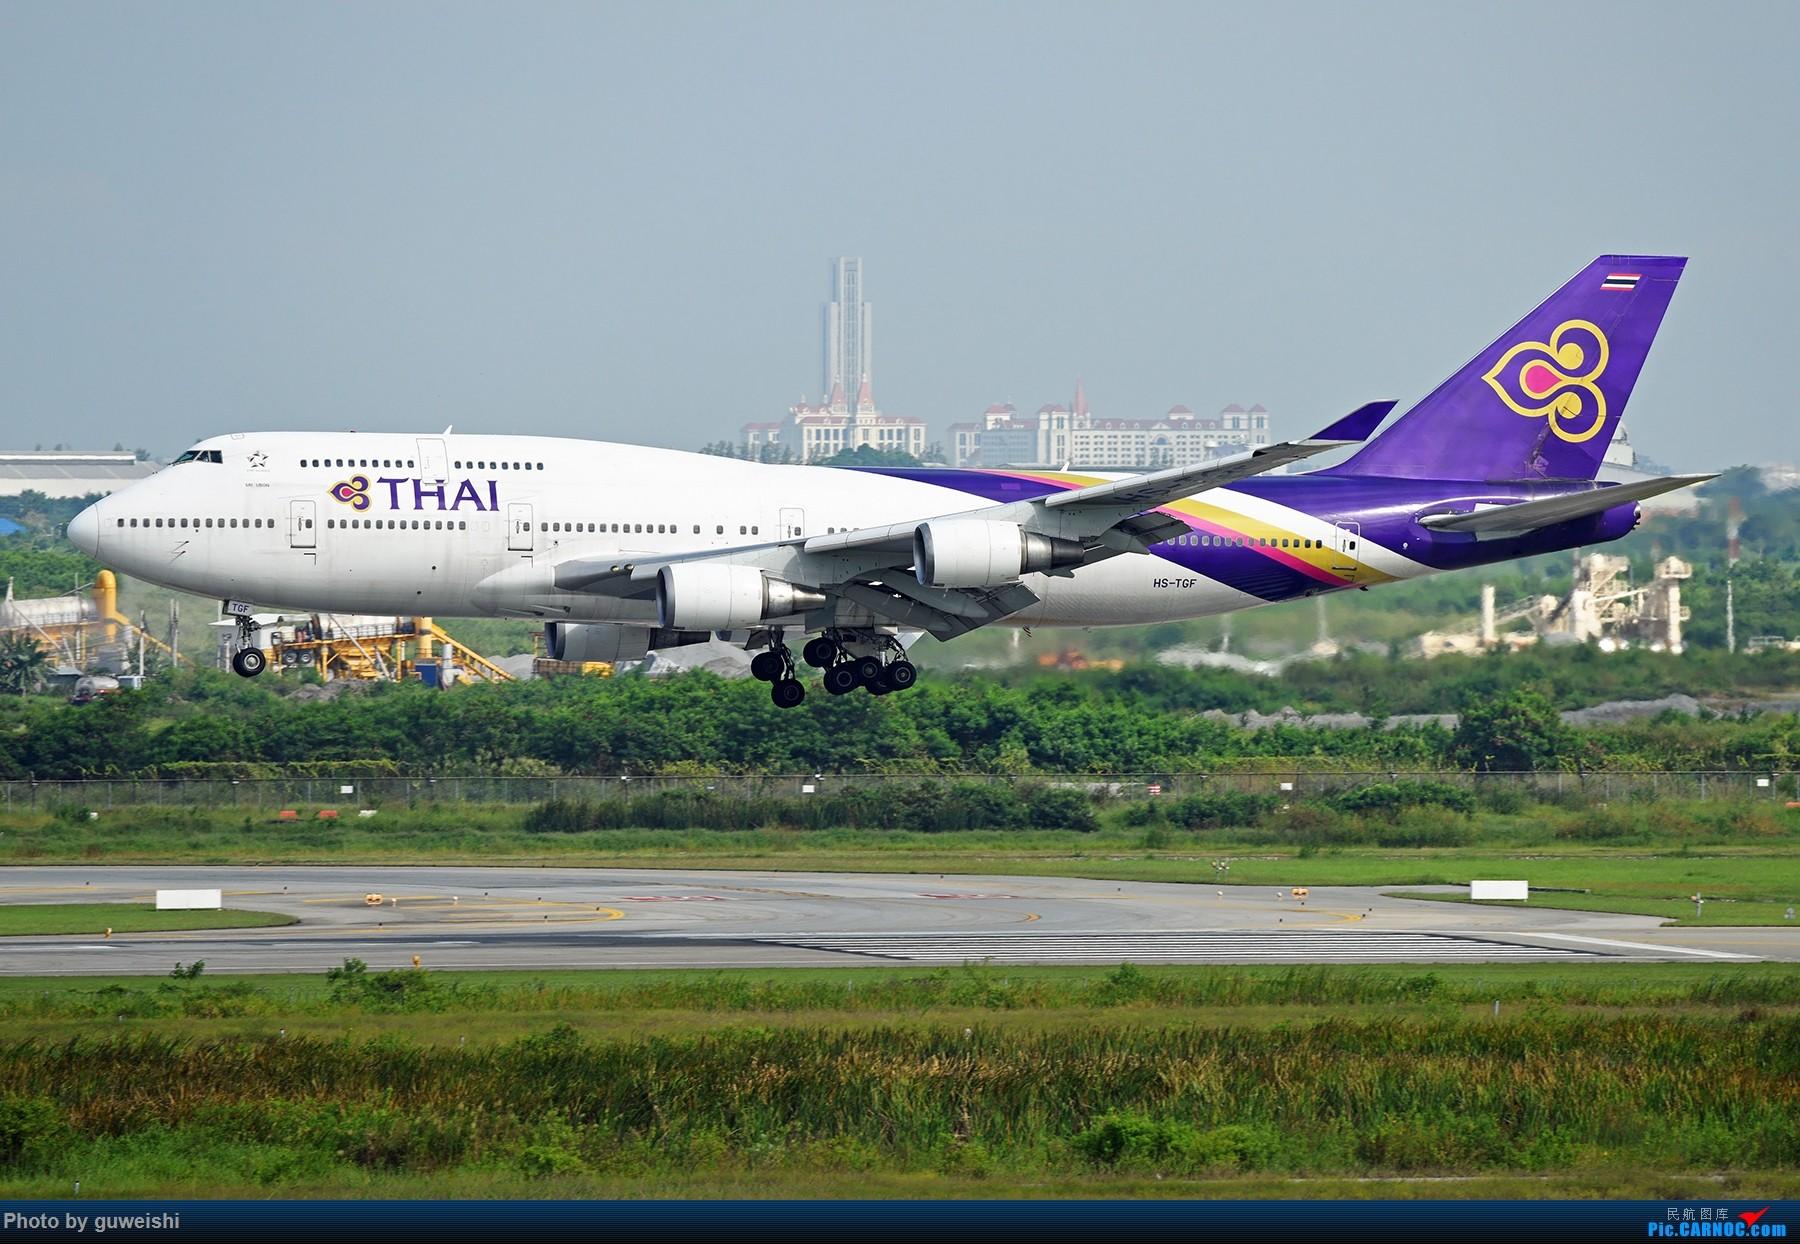 [原创]【早师傅出品】——这是一架才冲出跑道的飞机 BOEING 747-400 HS-TGF 泰国曼谷素万那普国际机场